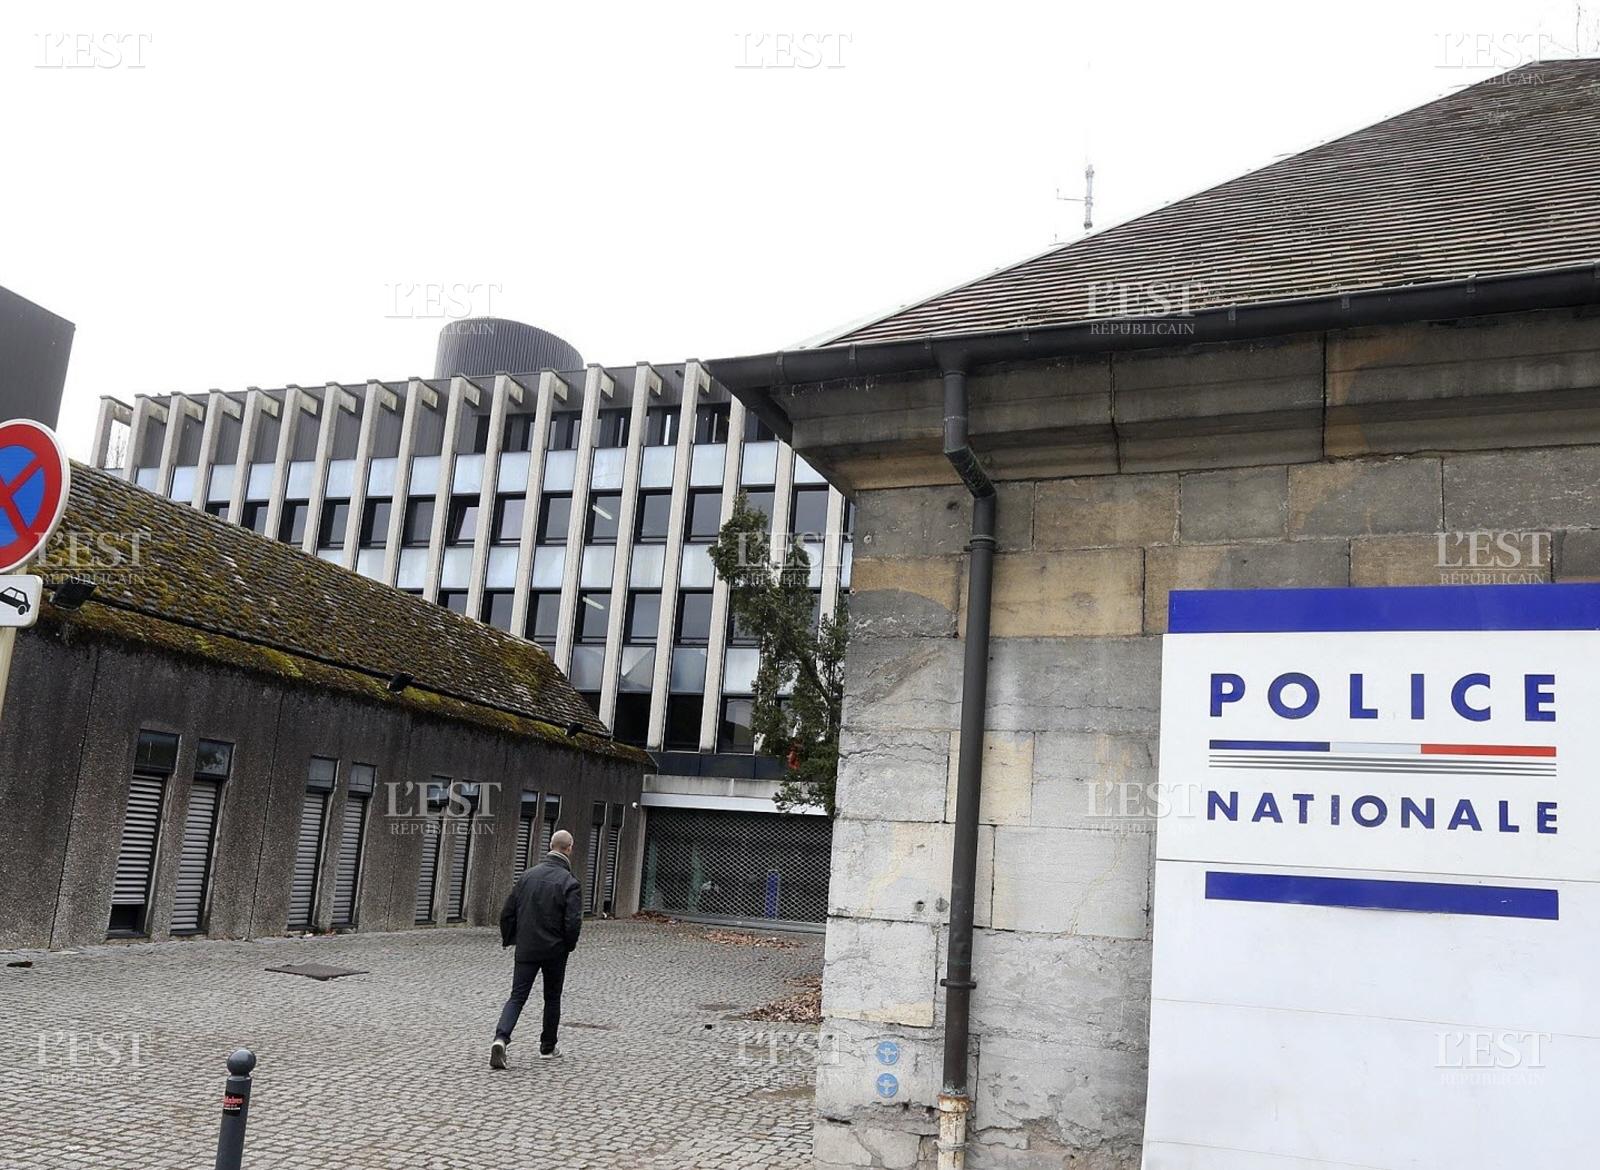 Besançon (France): le meurtrier présumé du Sénégalais M.L.Diédhiou s'est rendu à la police